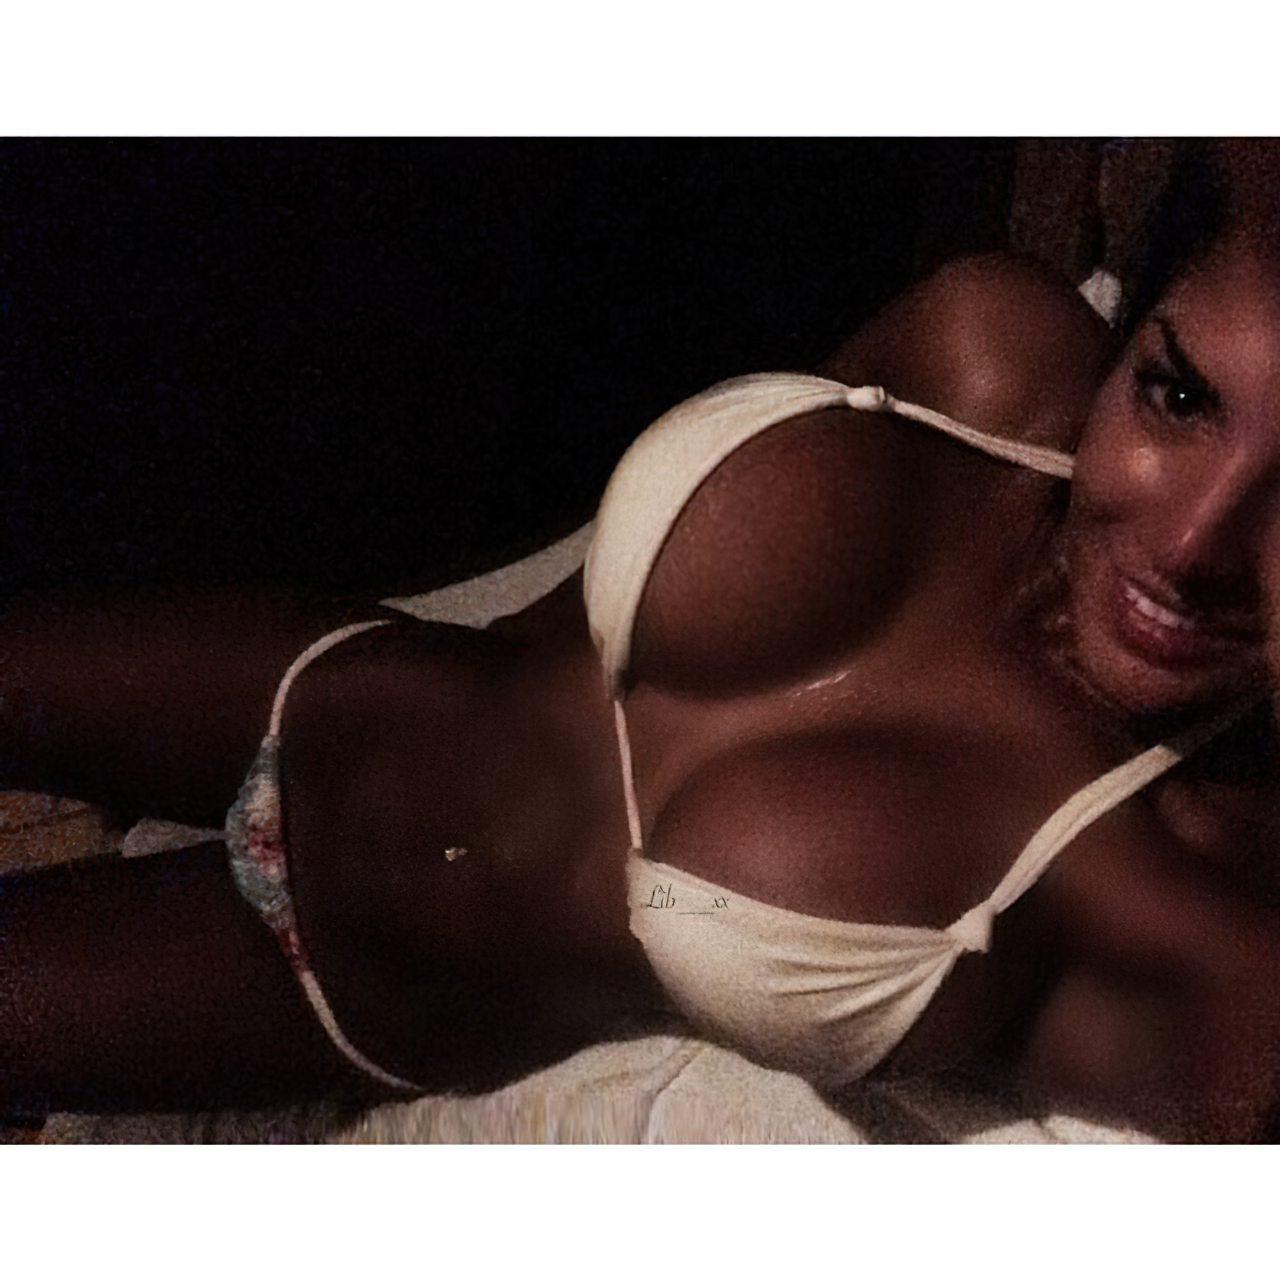 Libby Powell (28)